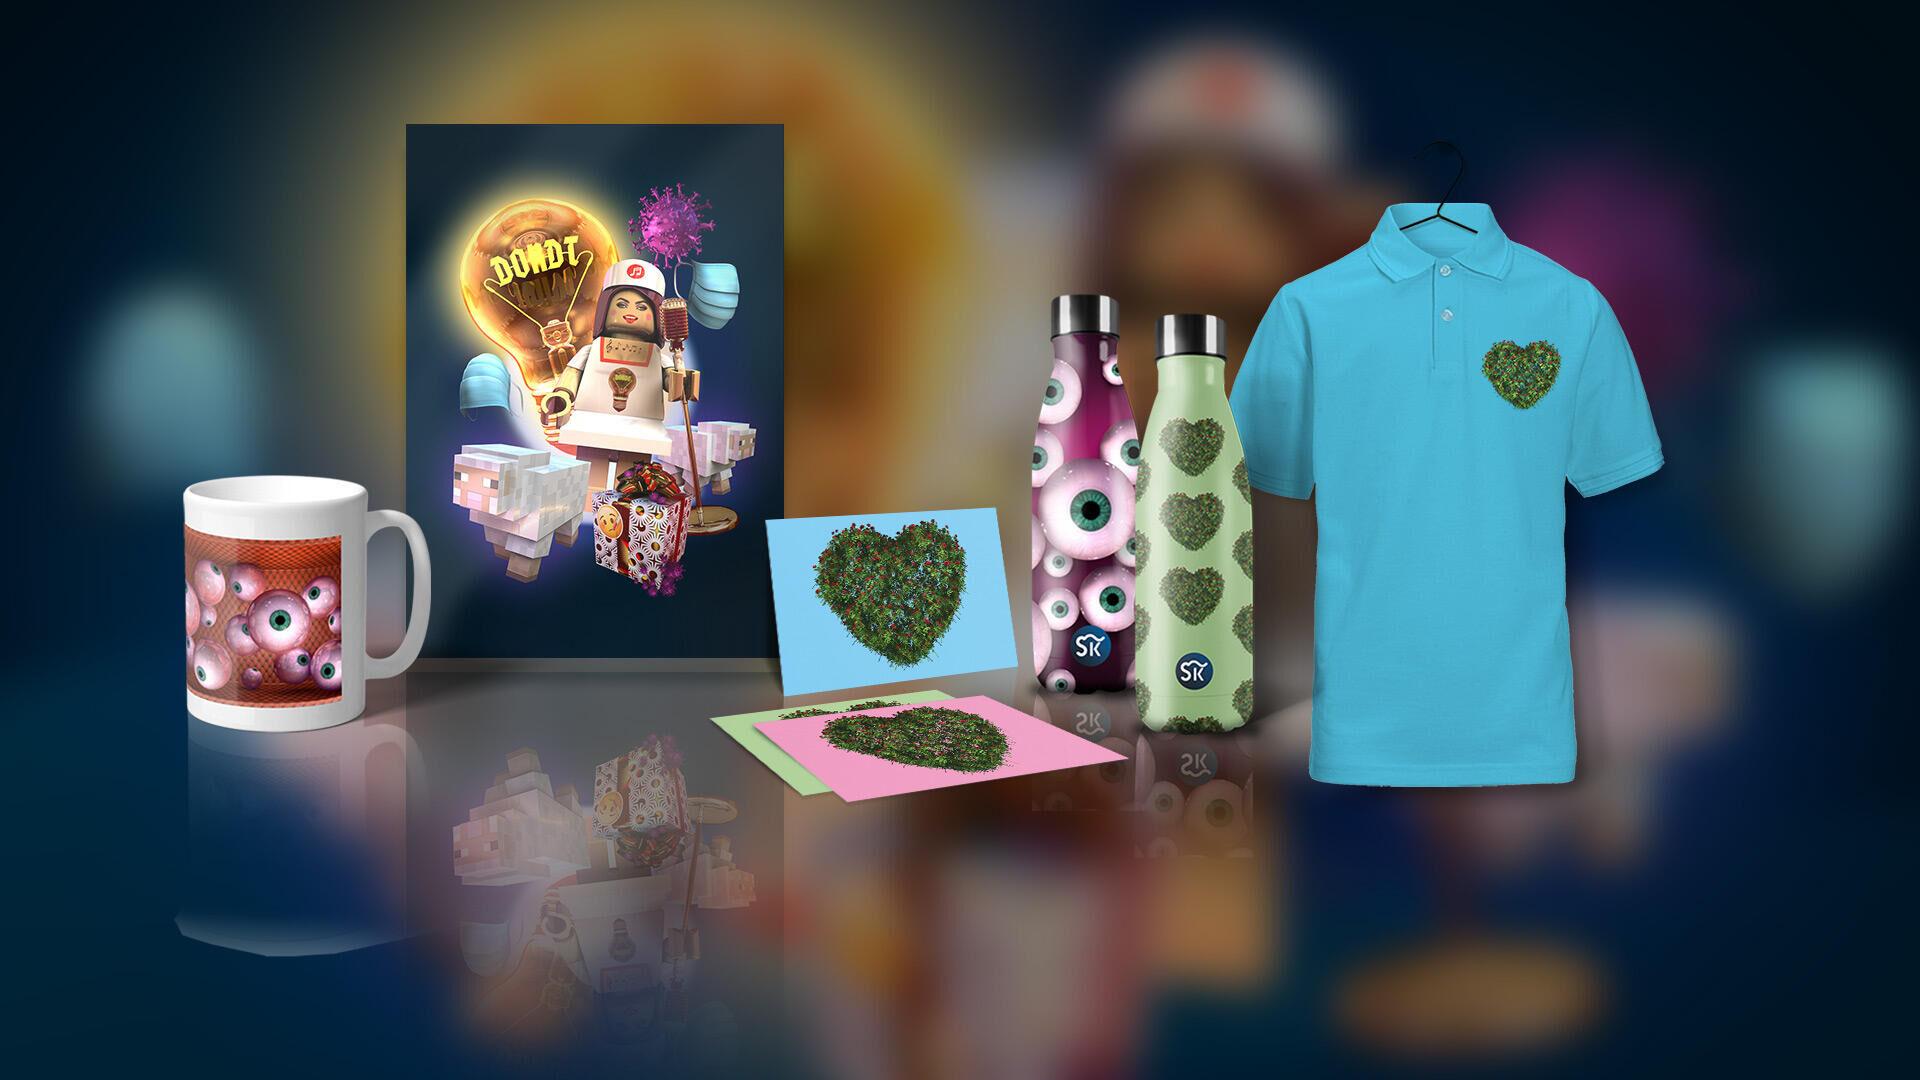 D-Light merchandise